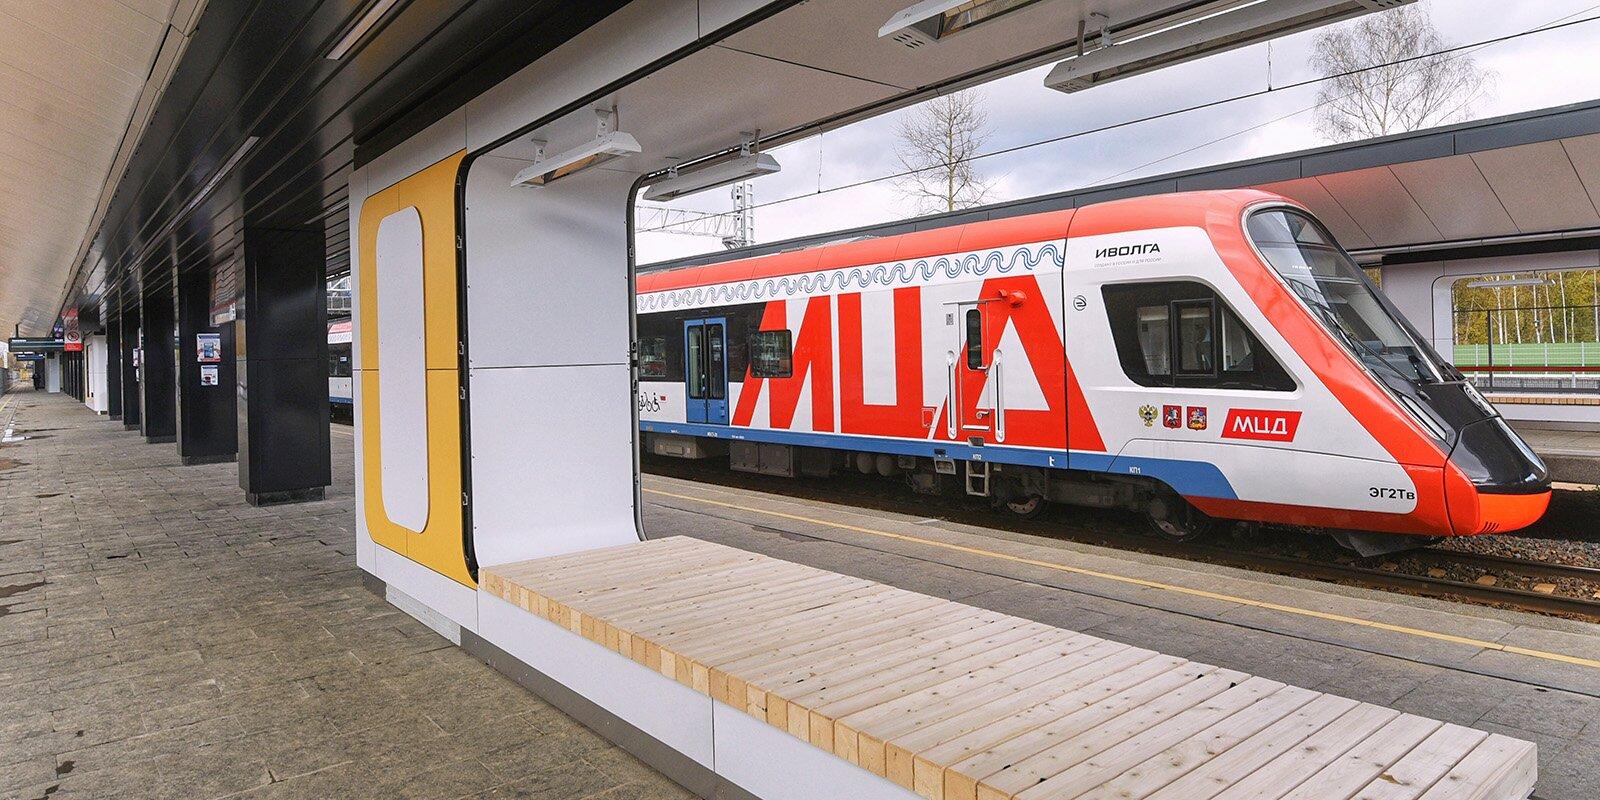 Сергей Собянин рассказал, как будет развиваться транспортная система столицы